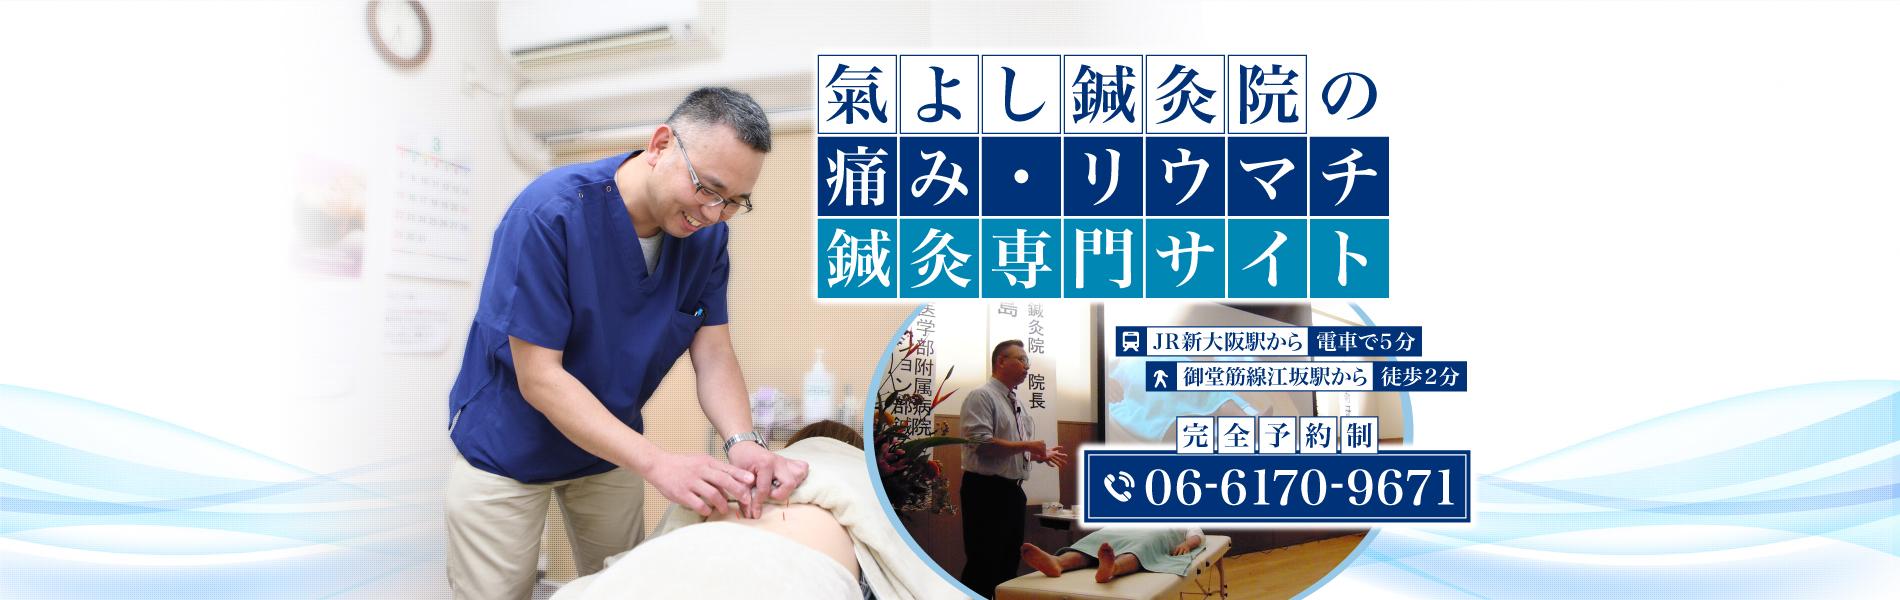 関節リウマチ・関節痛・線維筋痛症の治療が得意な氣よし鍼灸院